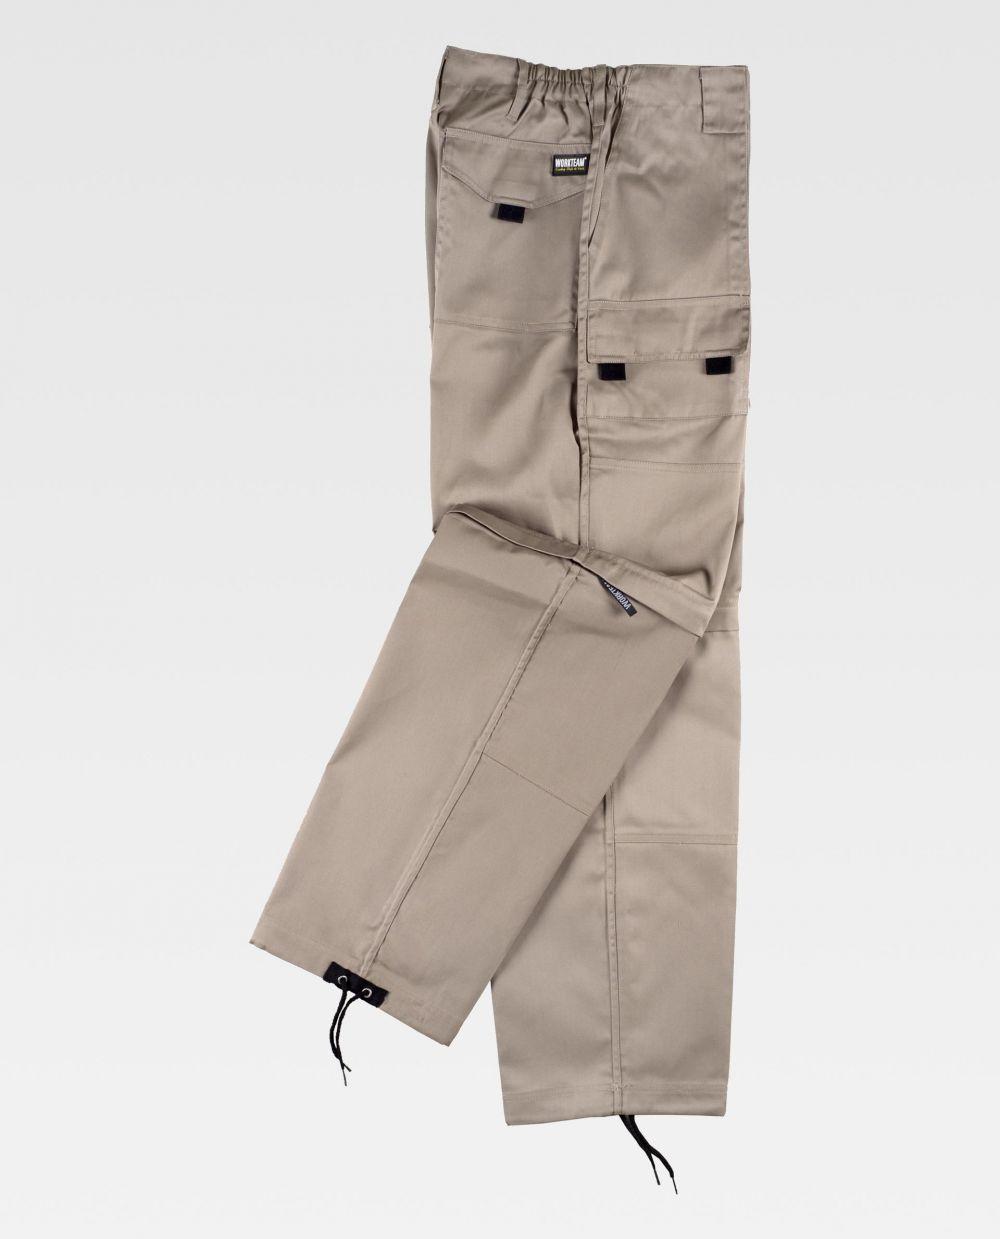 Pantalones de trabajo workteam b1420 de poliéster vista 2